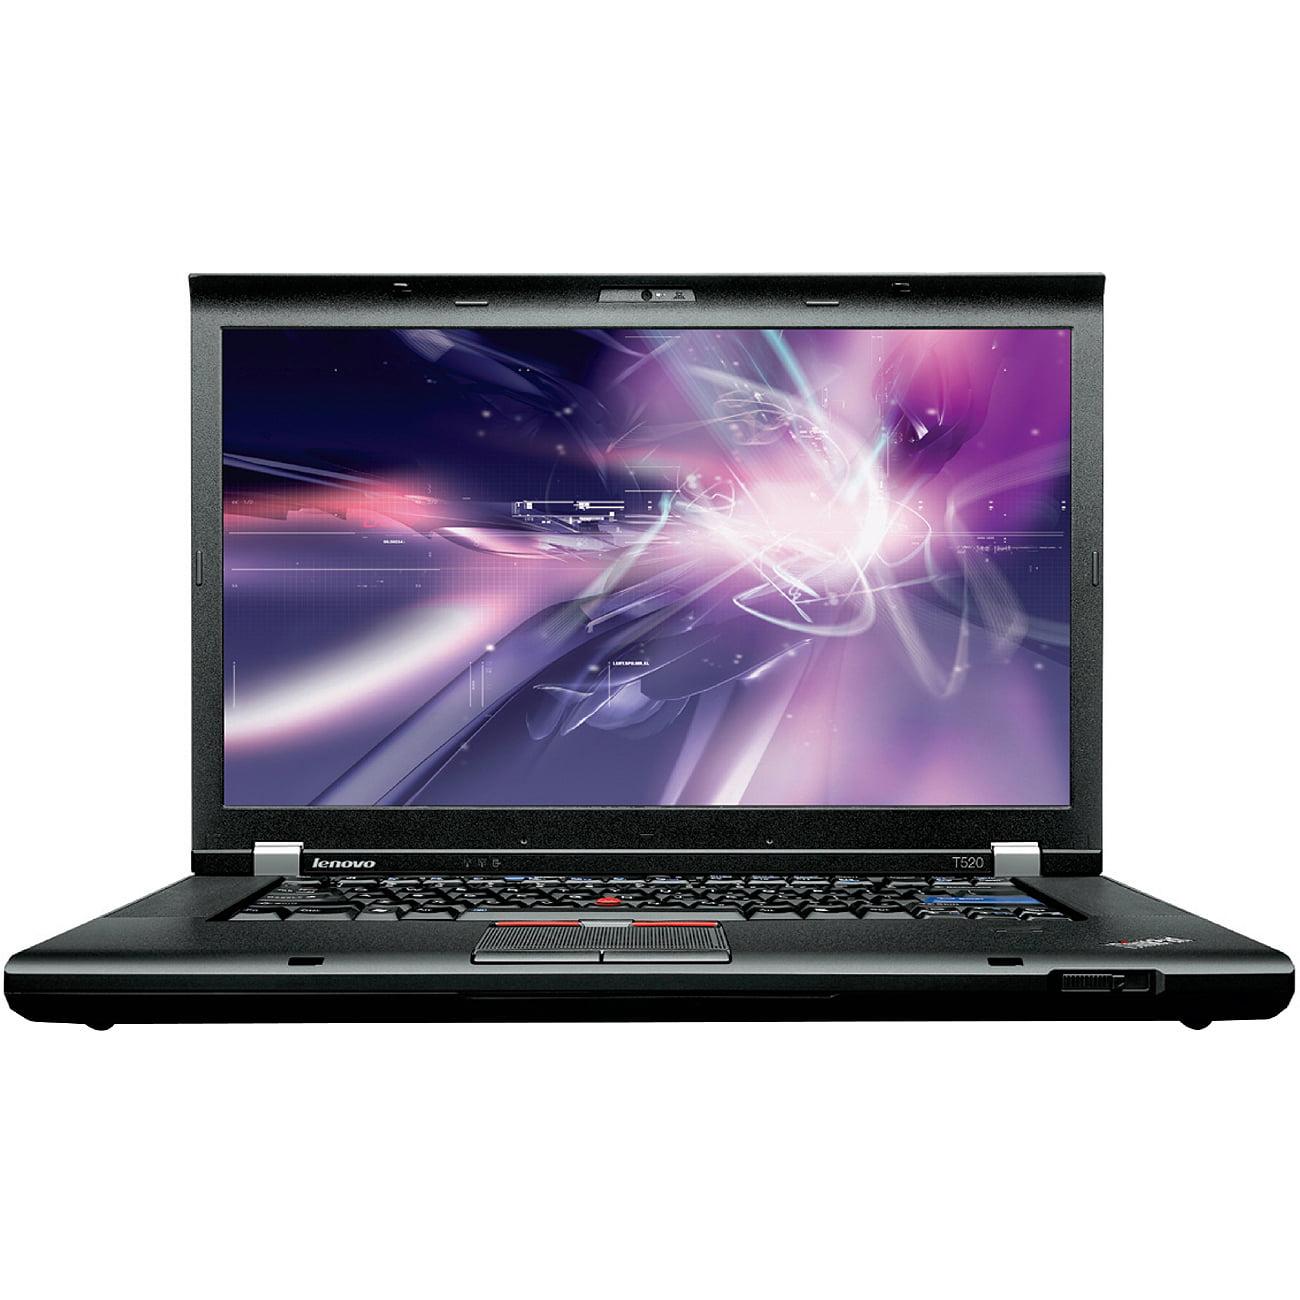 Lenovo ThinkPad T520 42434WU Notebook